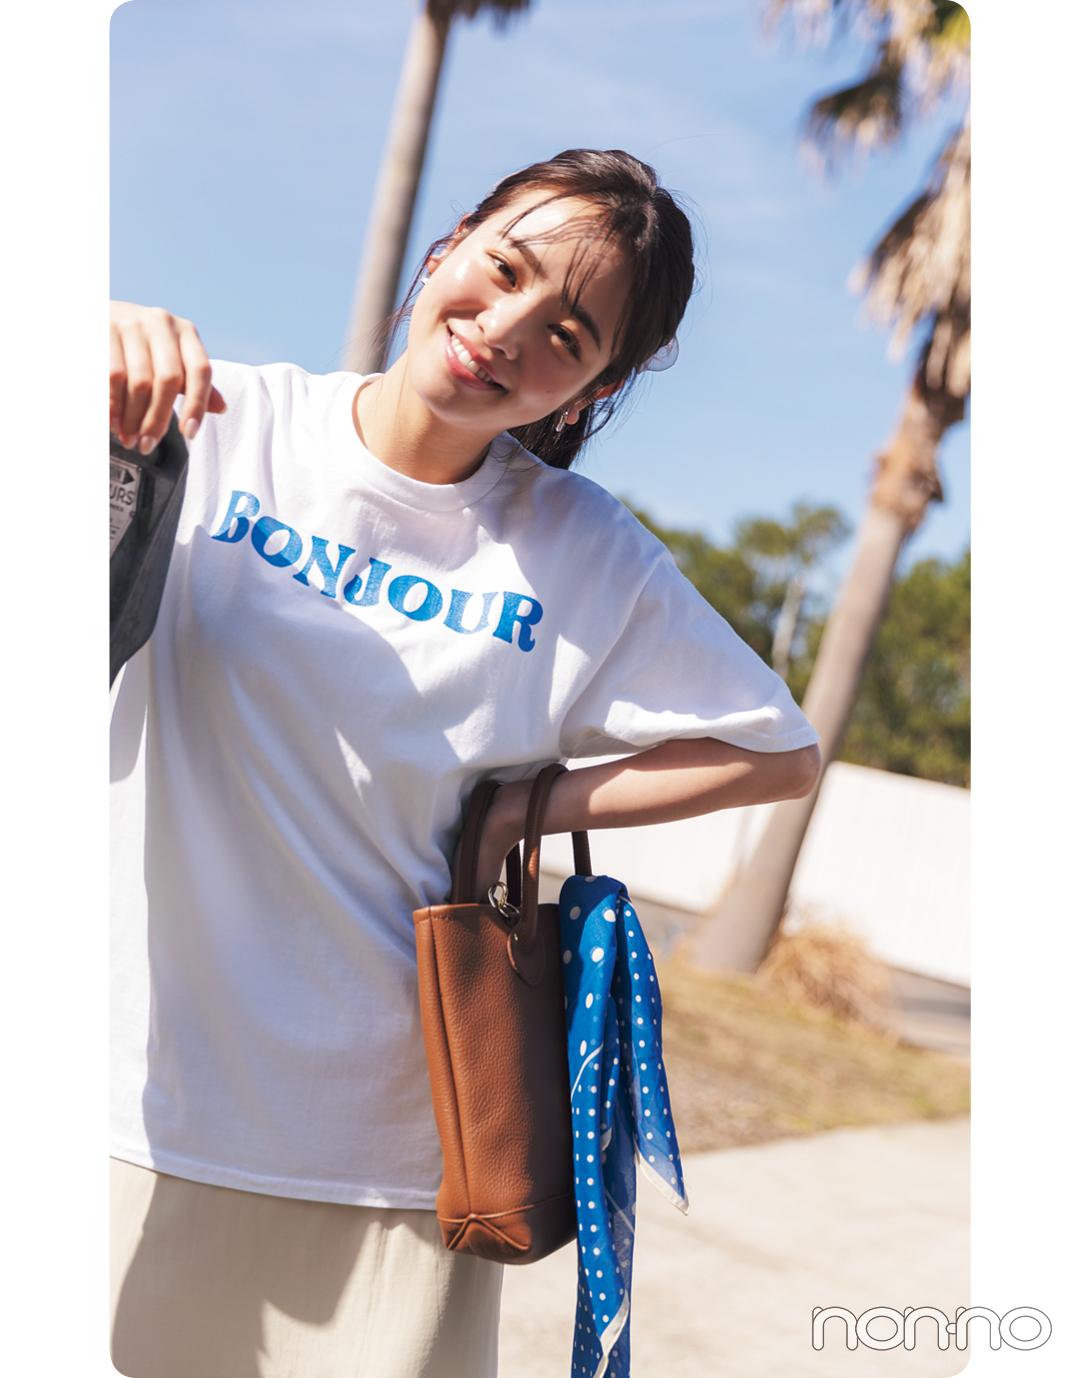 横田真悠が着るBonjour recordsのTシャツコーデ3